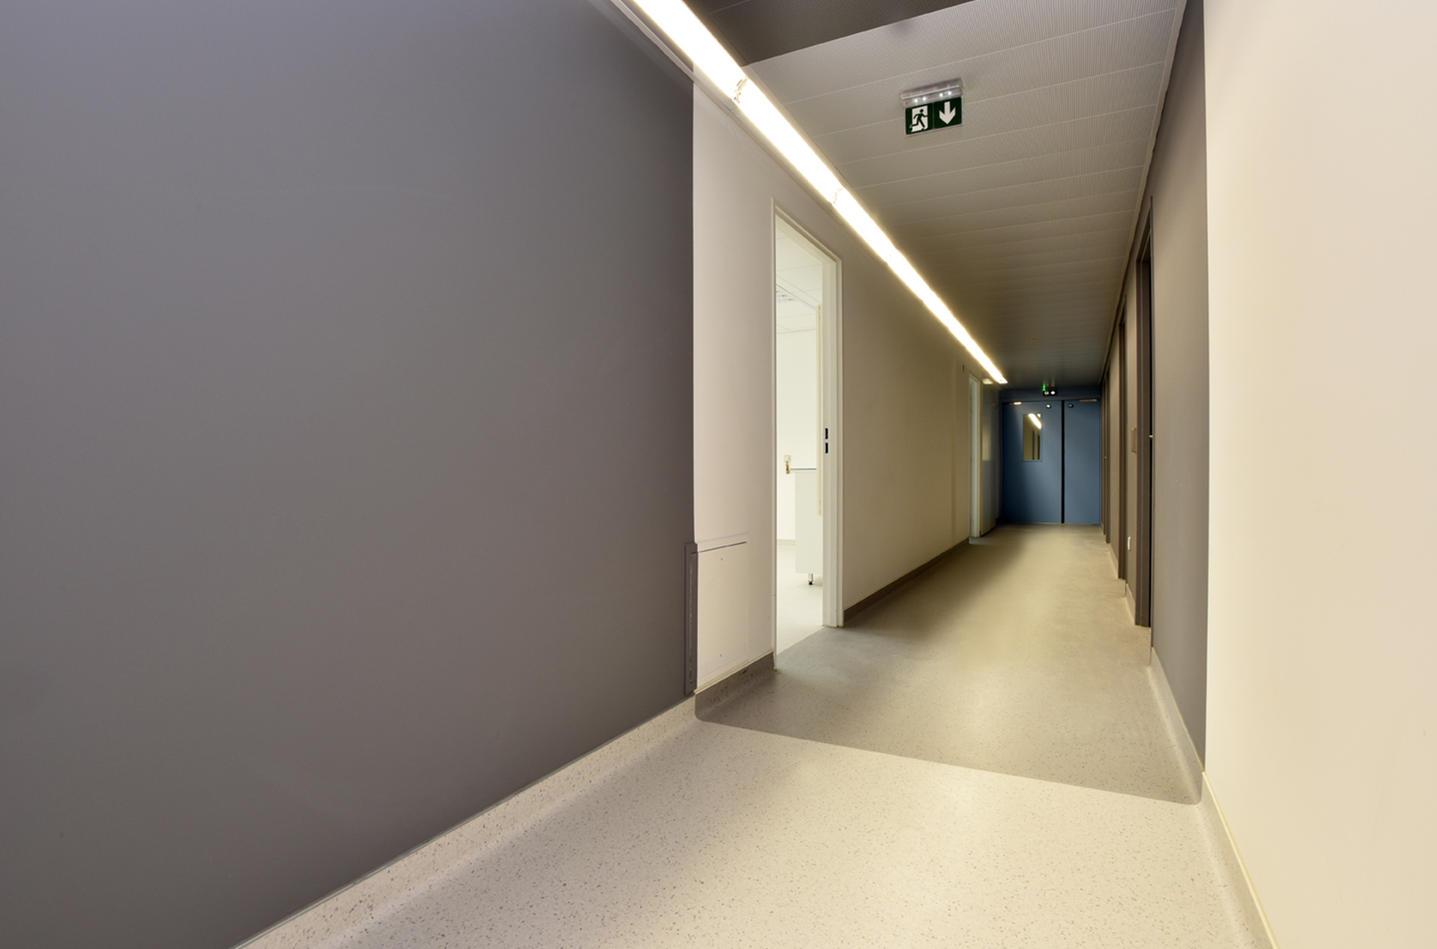 Les laboratoires INSERM